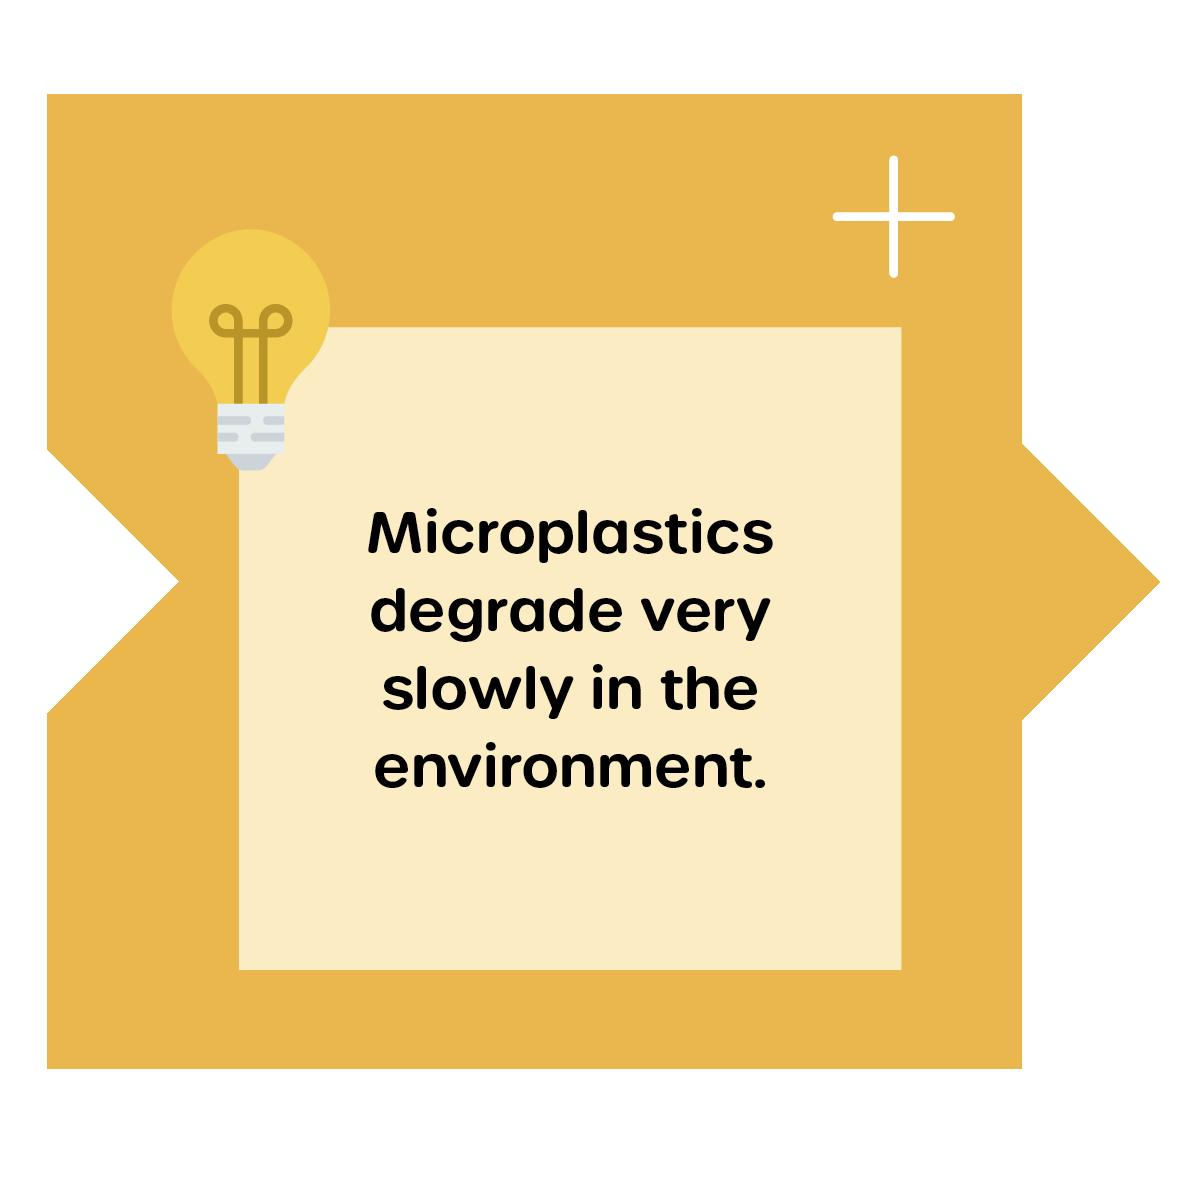 Degradation of microplatiscs